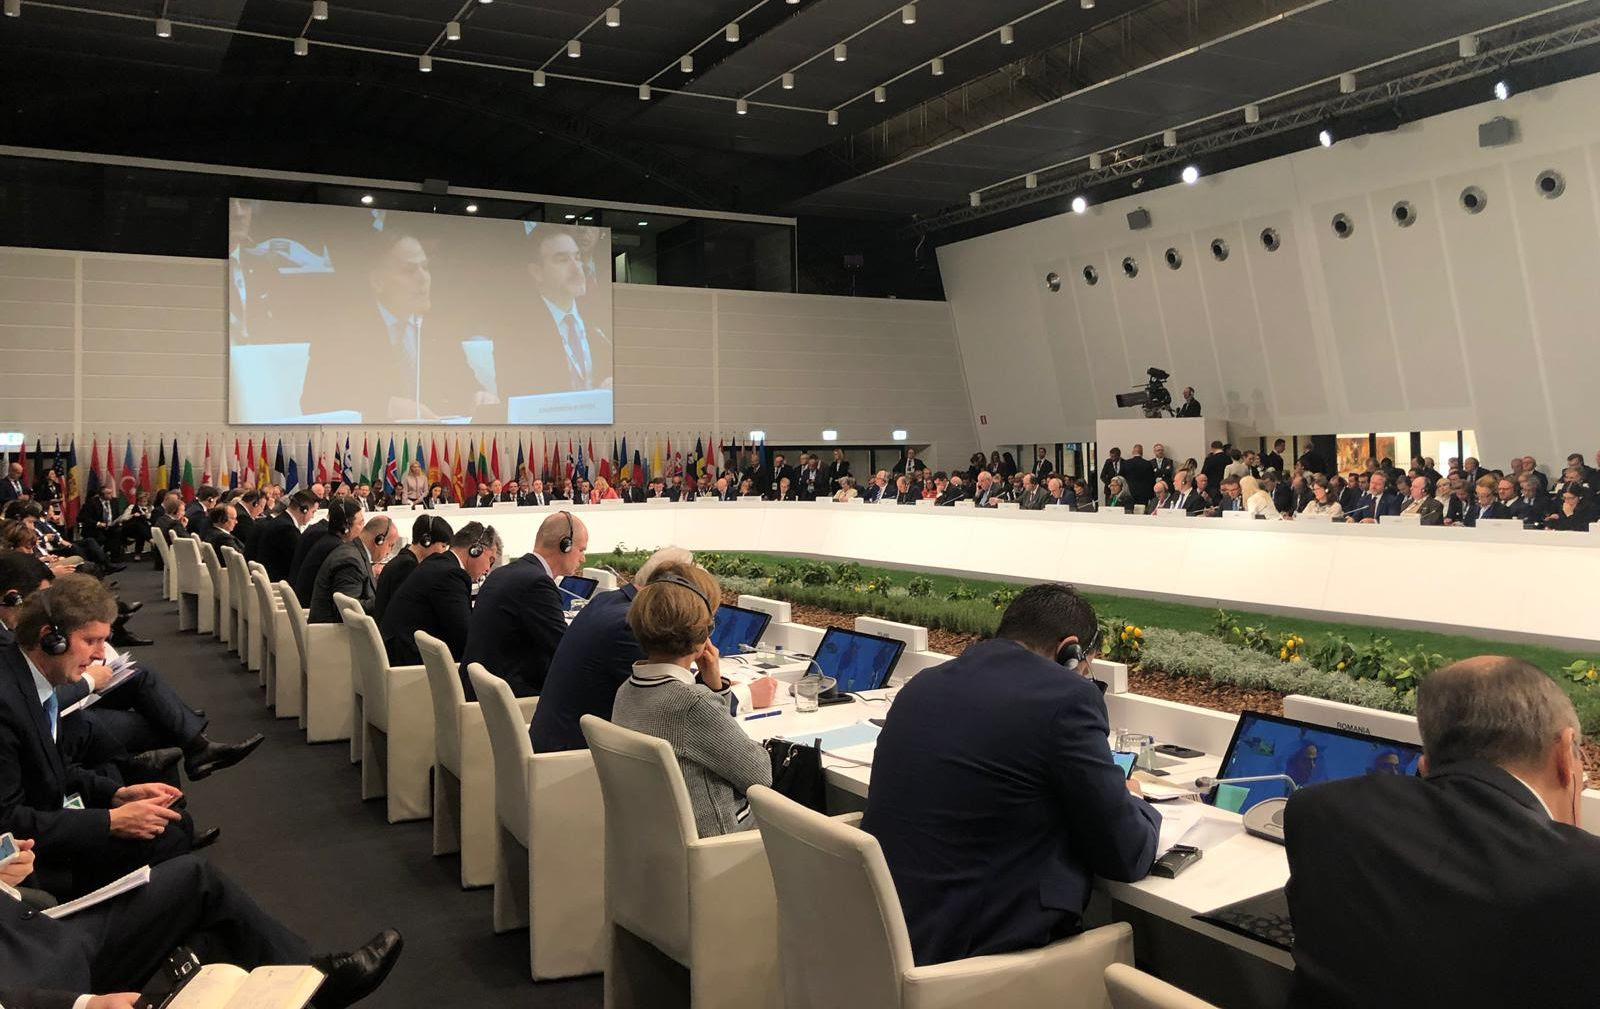 Aperto oggi a Milano il 25° Consiglio ministeriale dell'OSCE